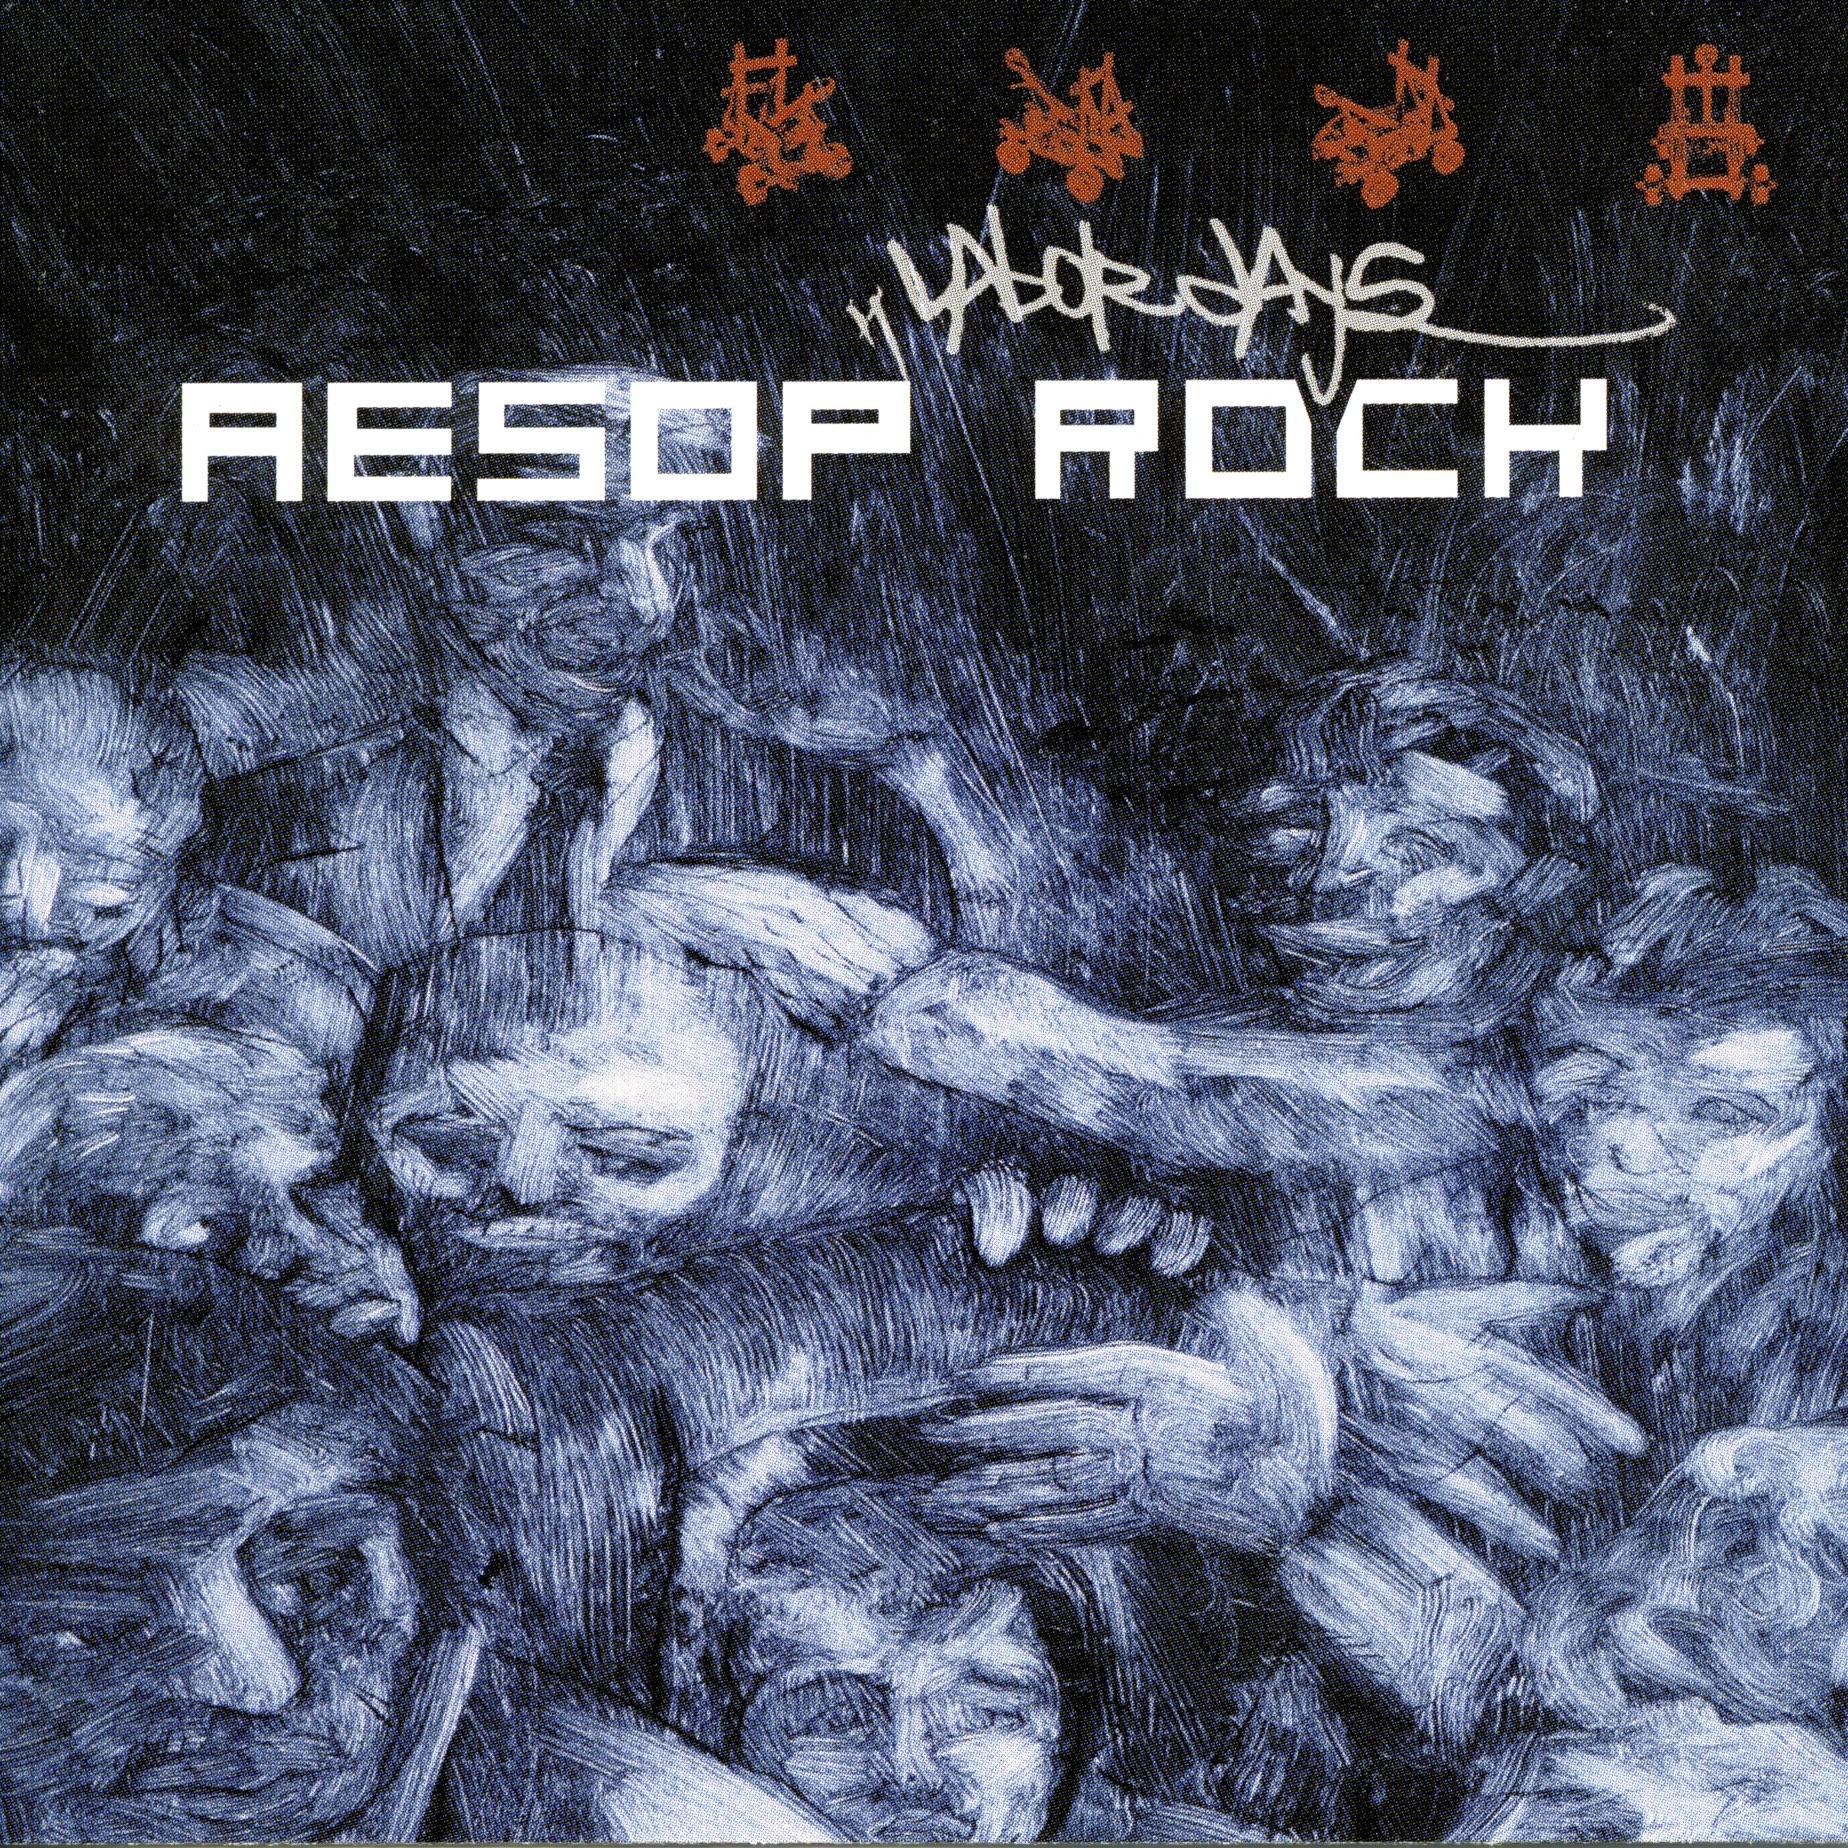 2001 - Aesop Rock